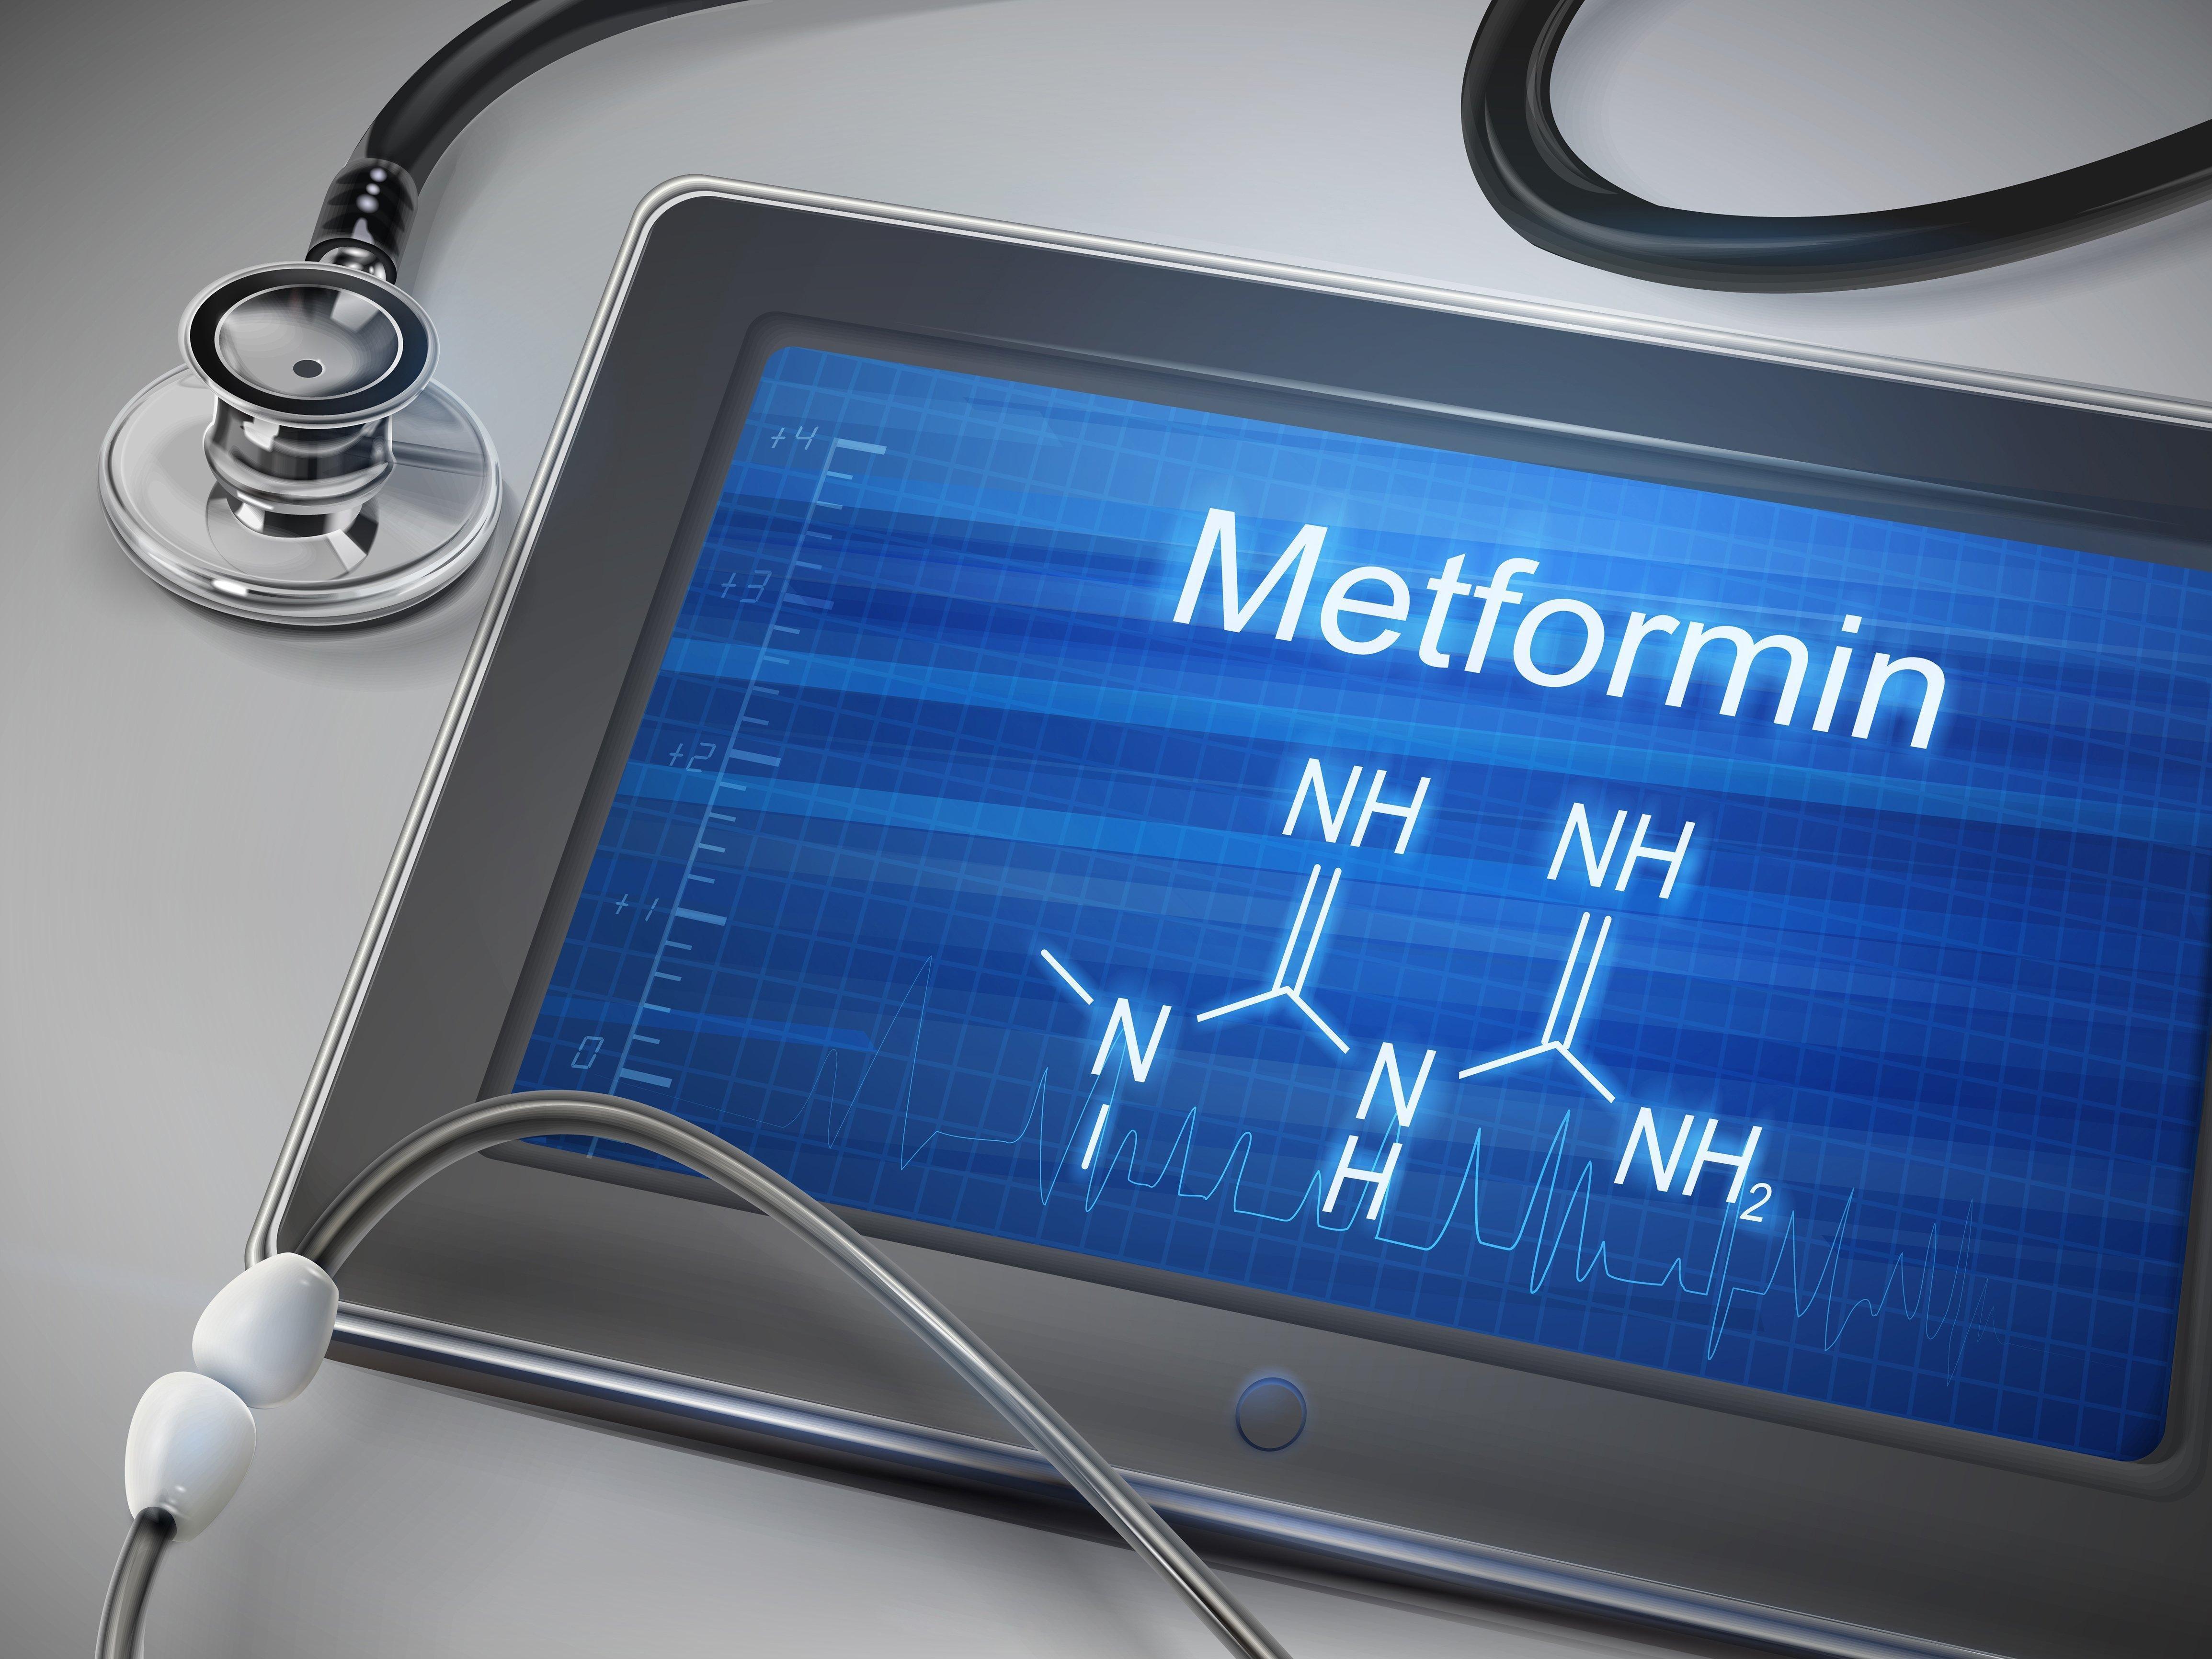 When Metformin Fails